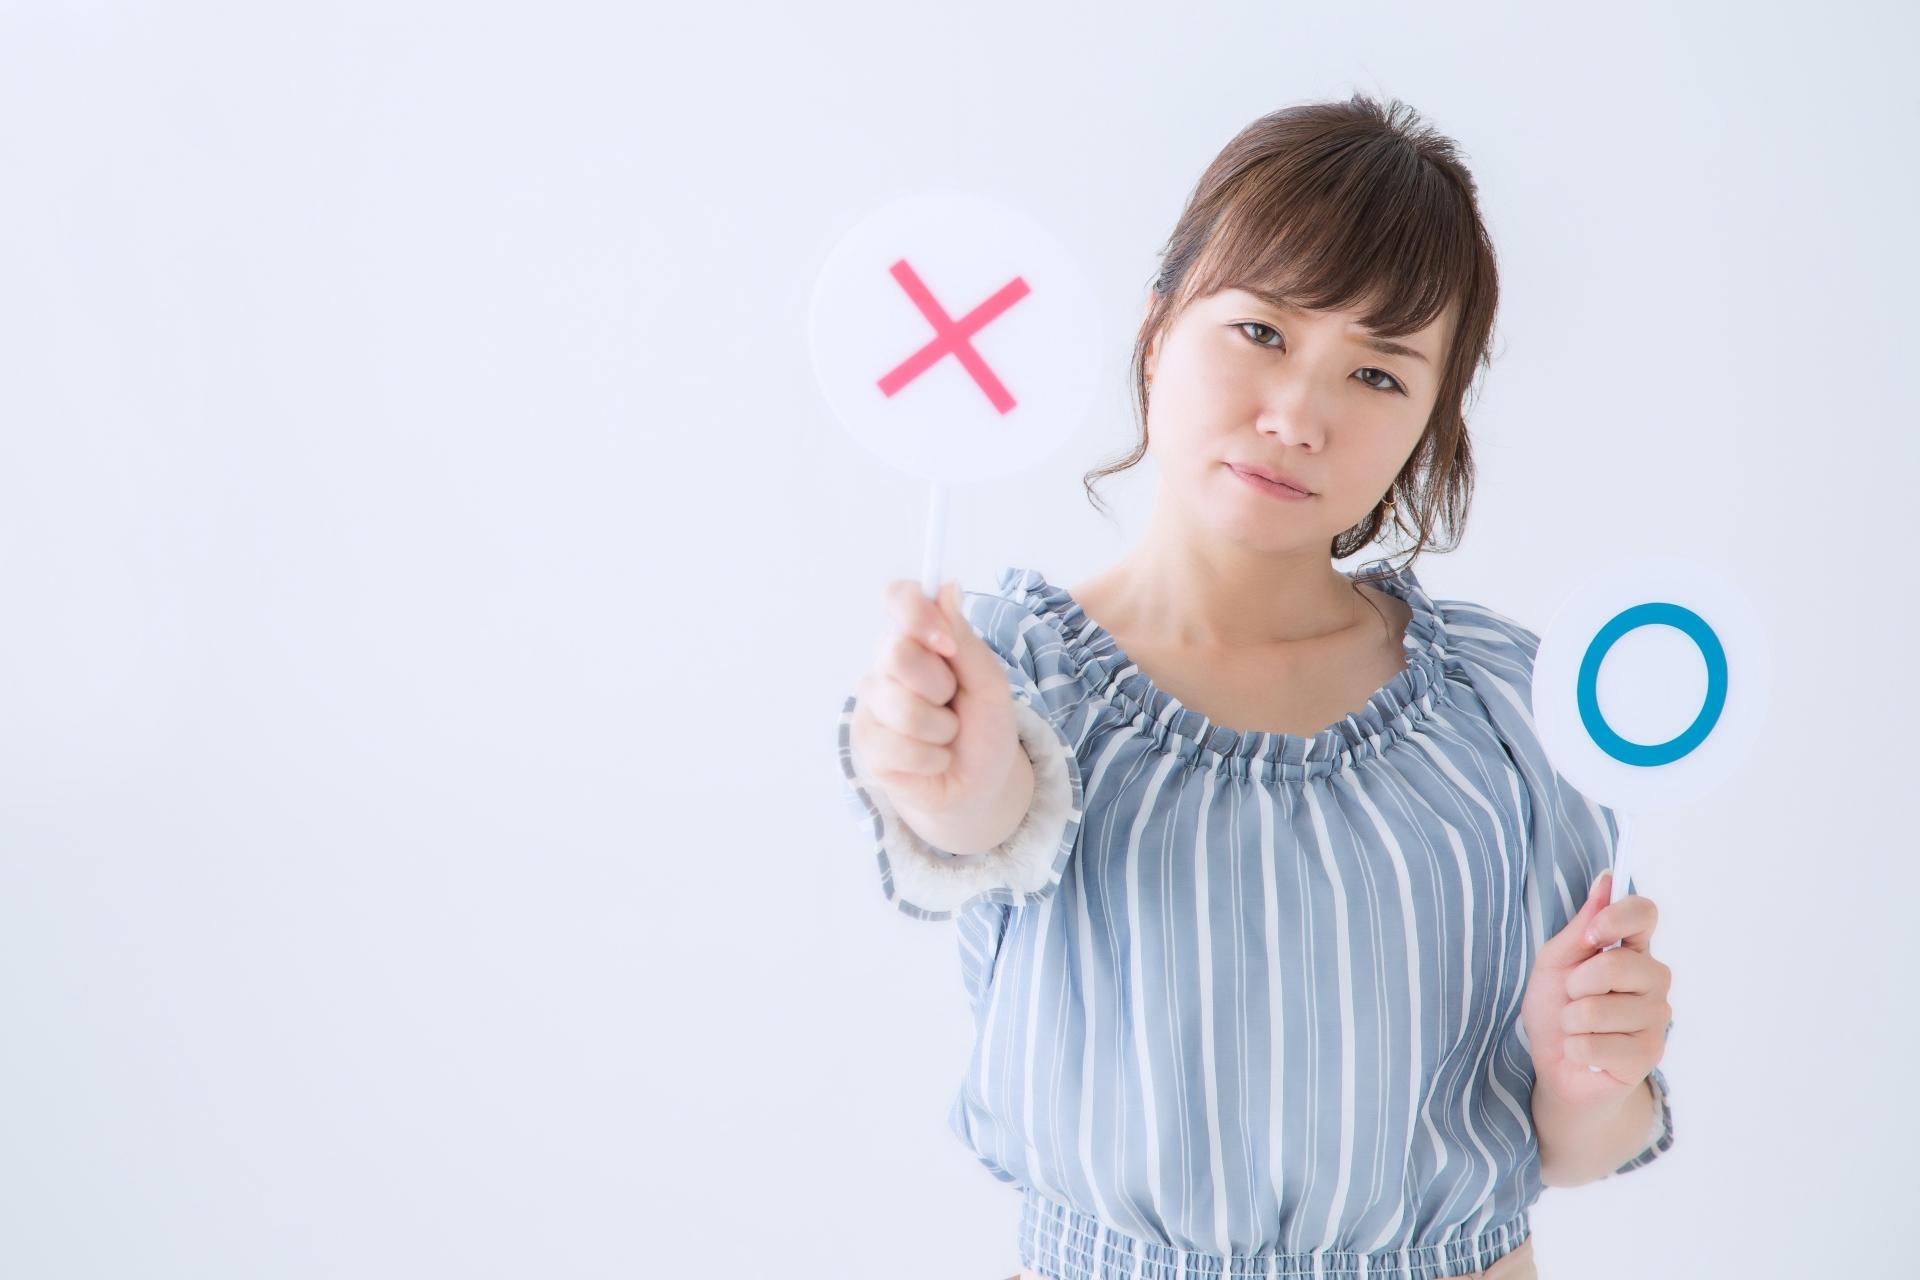 【困った】デートの断り方5選!男性を傷つけないで上手に誘いを断るには?